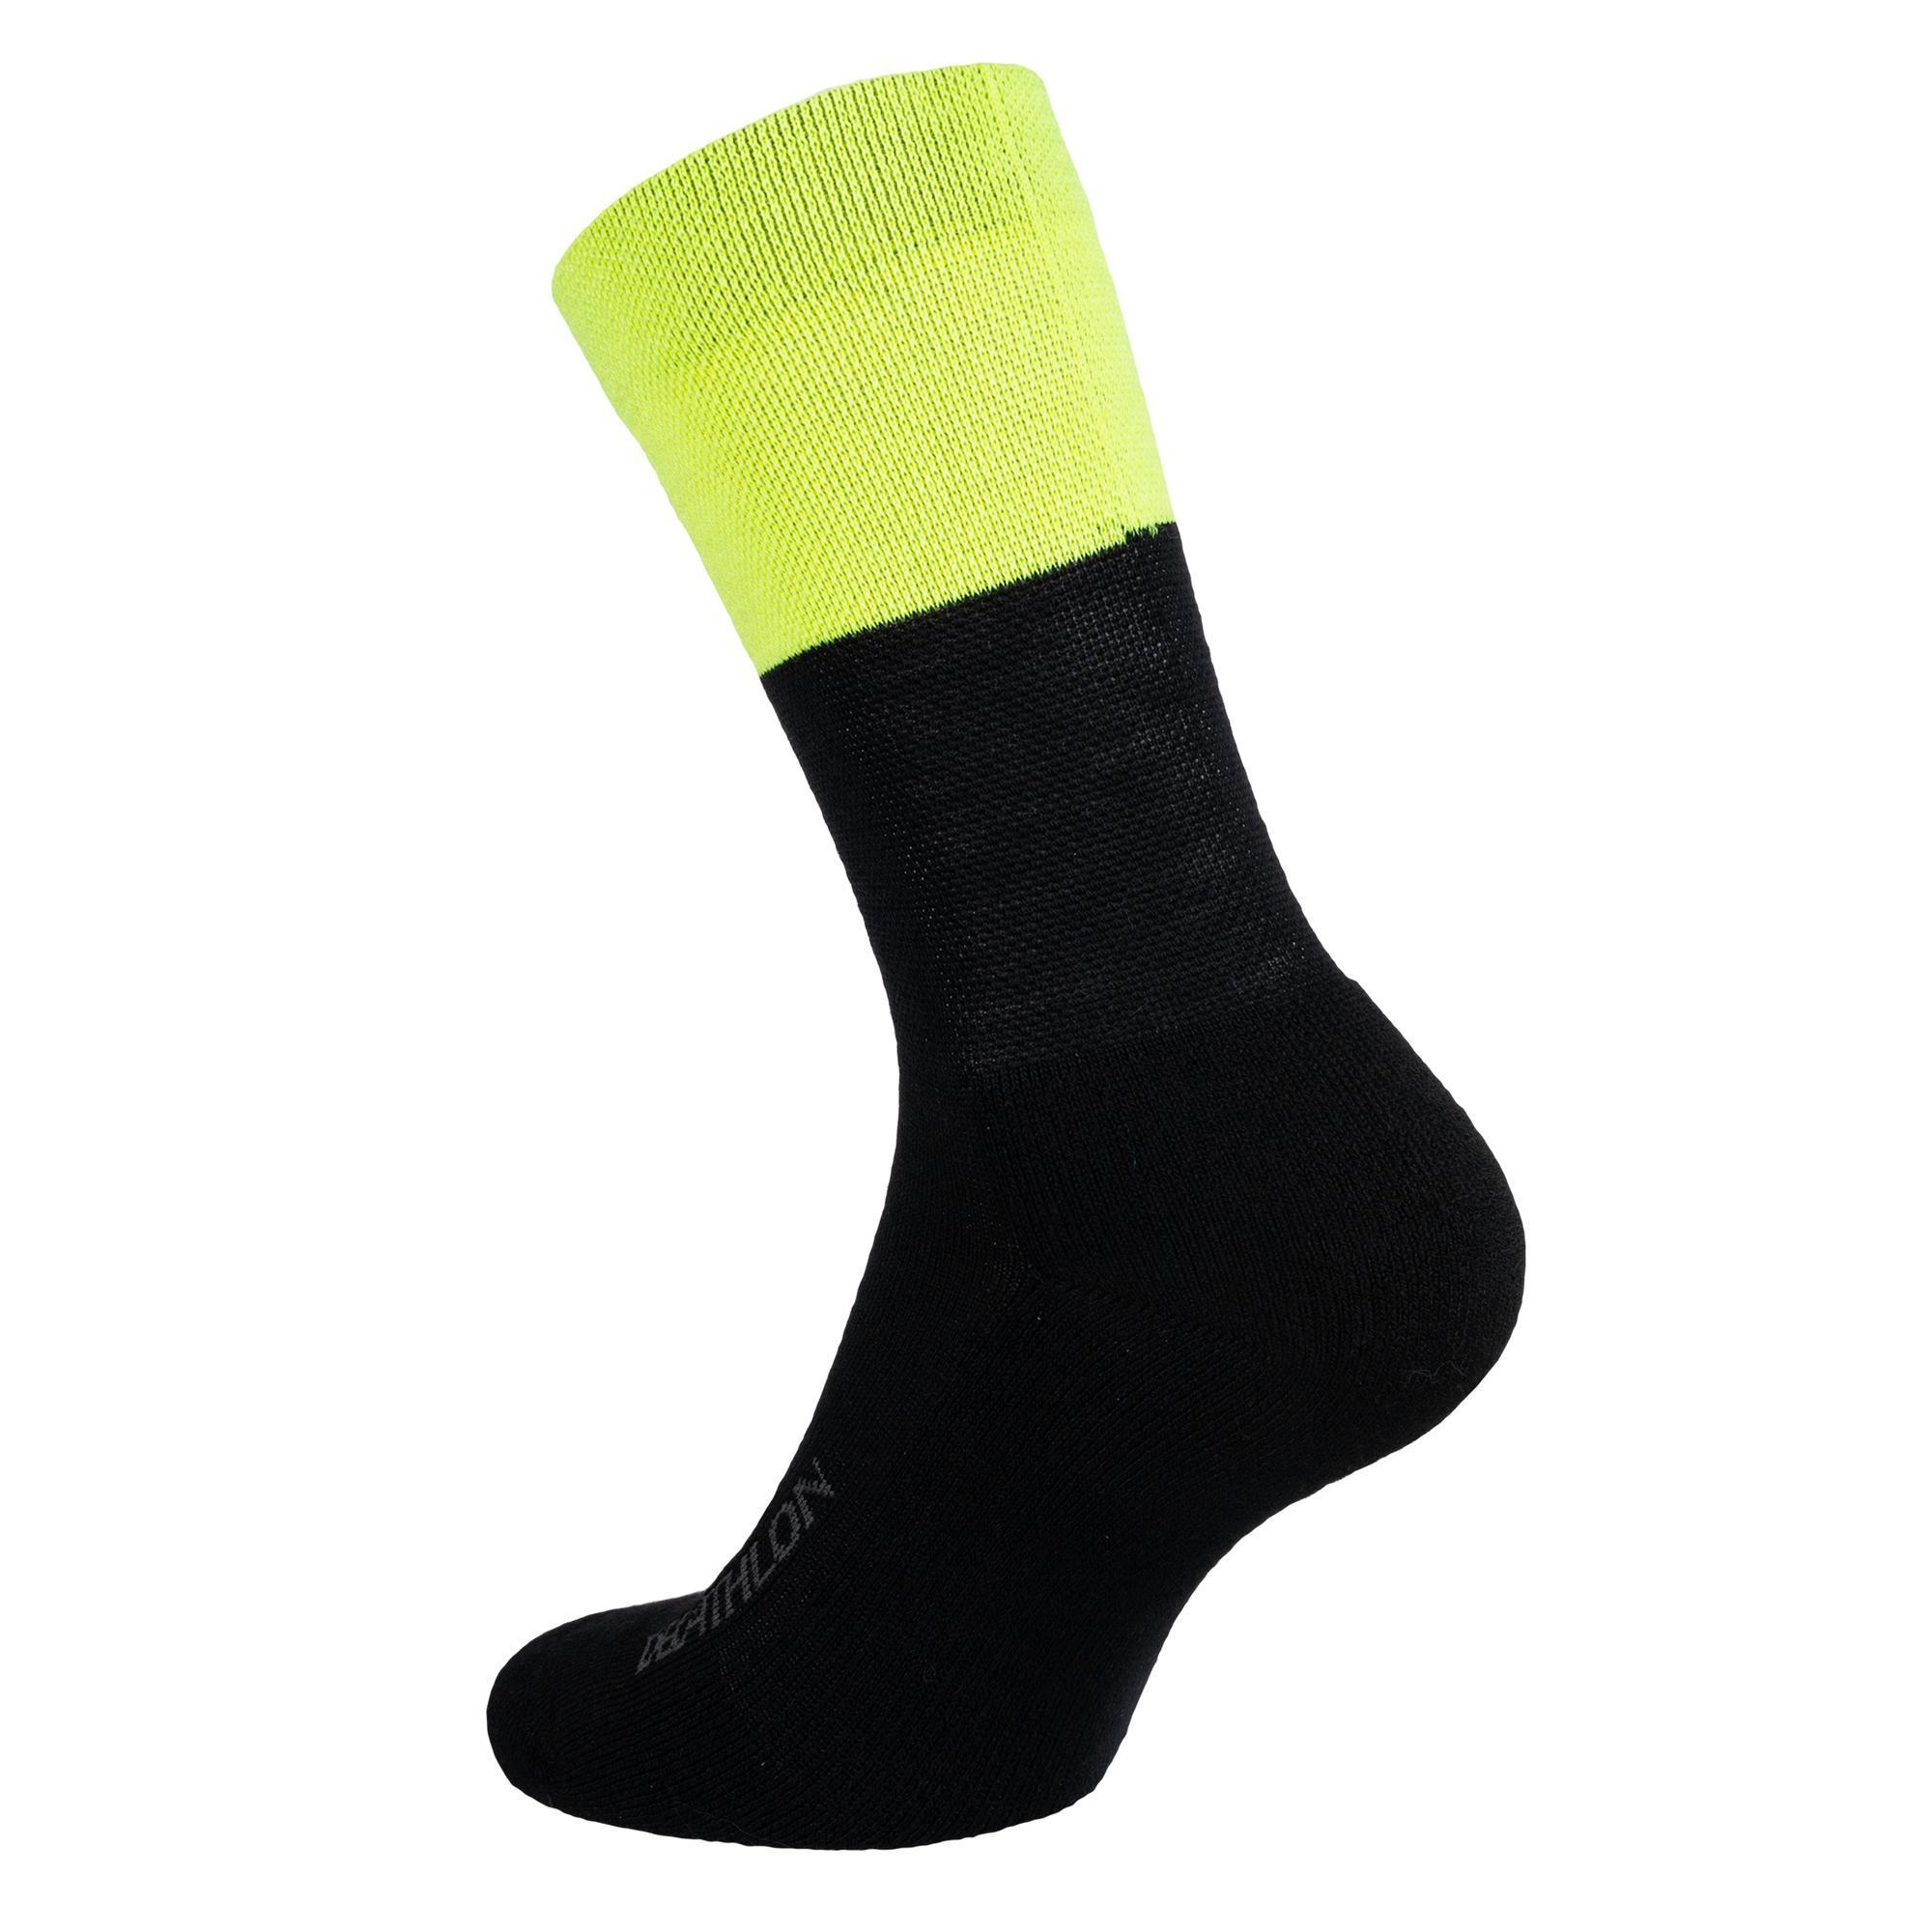 Femmes Non Élastique//prise en main facile Laine Mélangée Chaussettes Boot taille 4-7